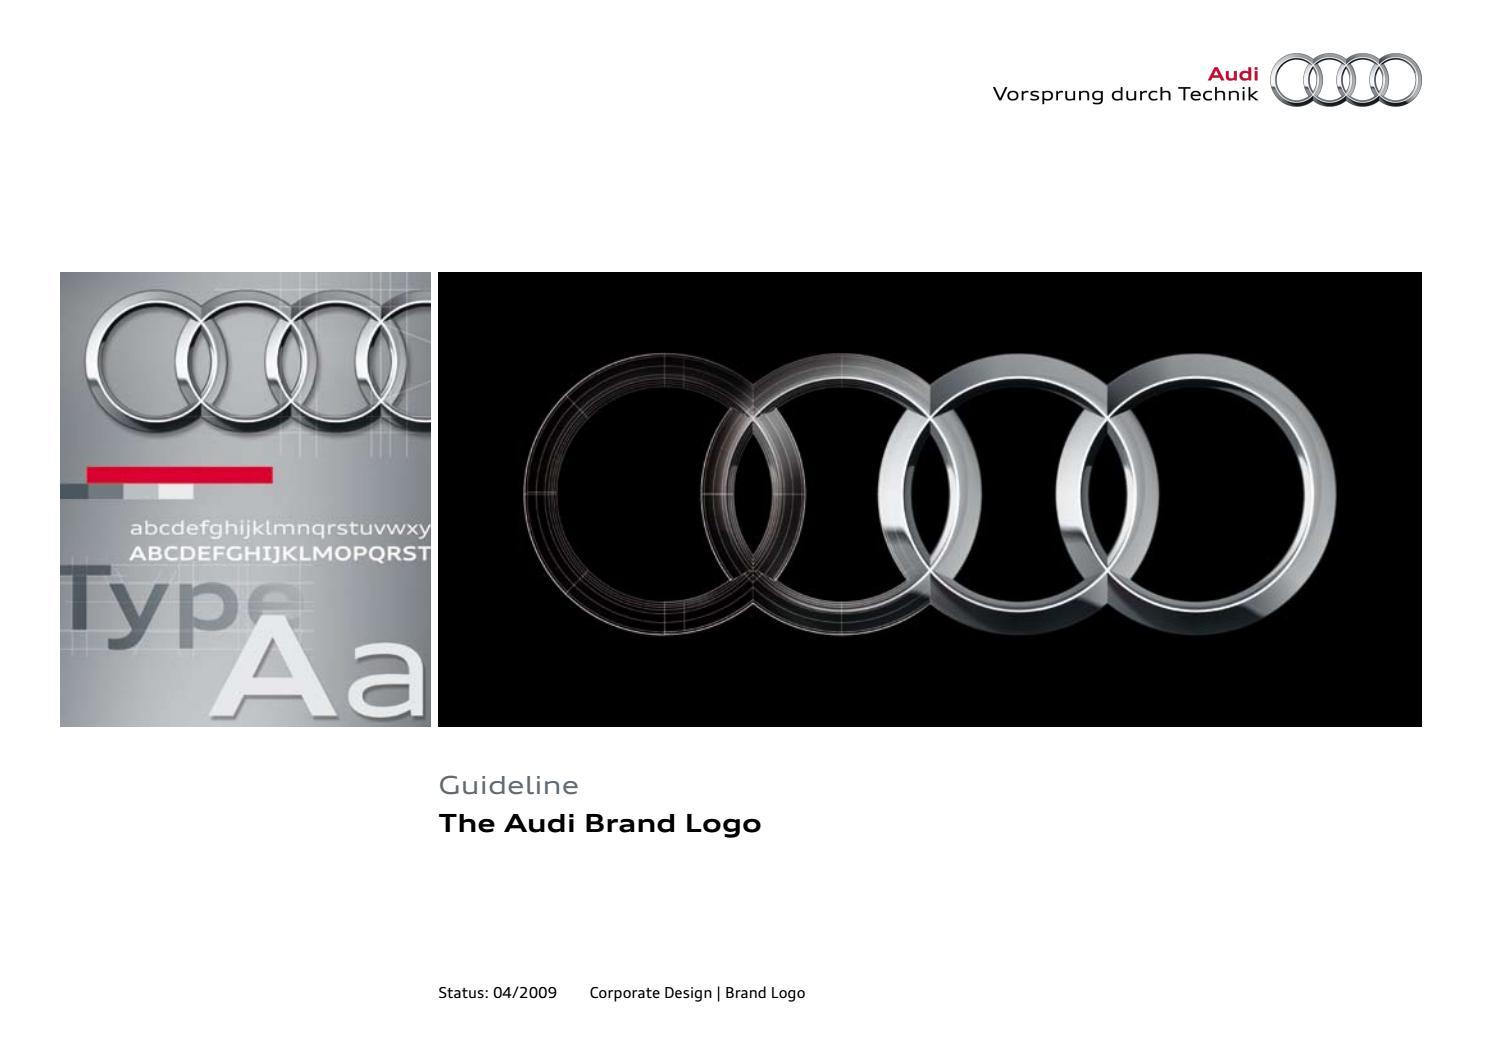 Audi Brand Guidelines by Lukasz Kulakowski - issuu